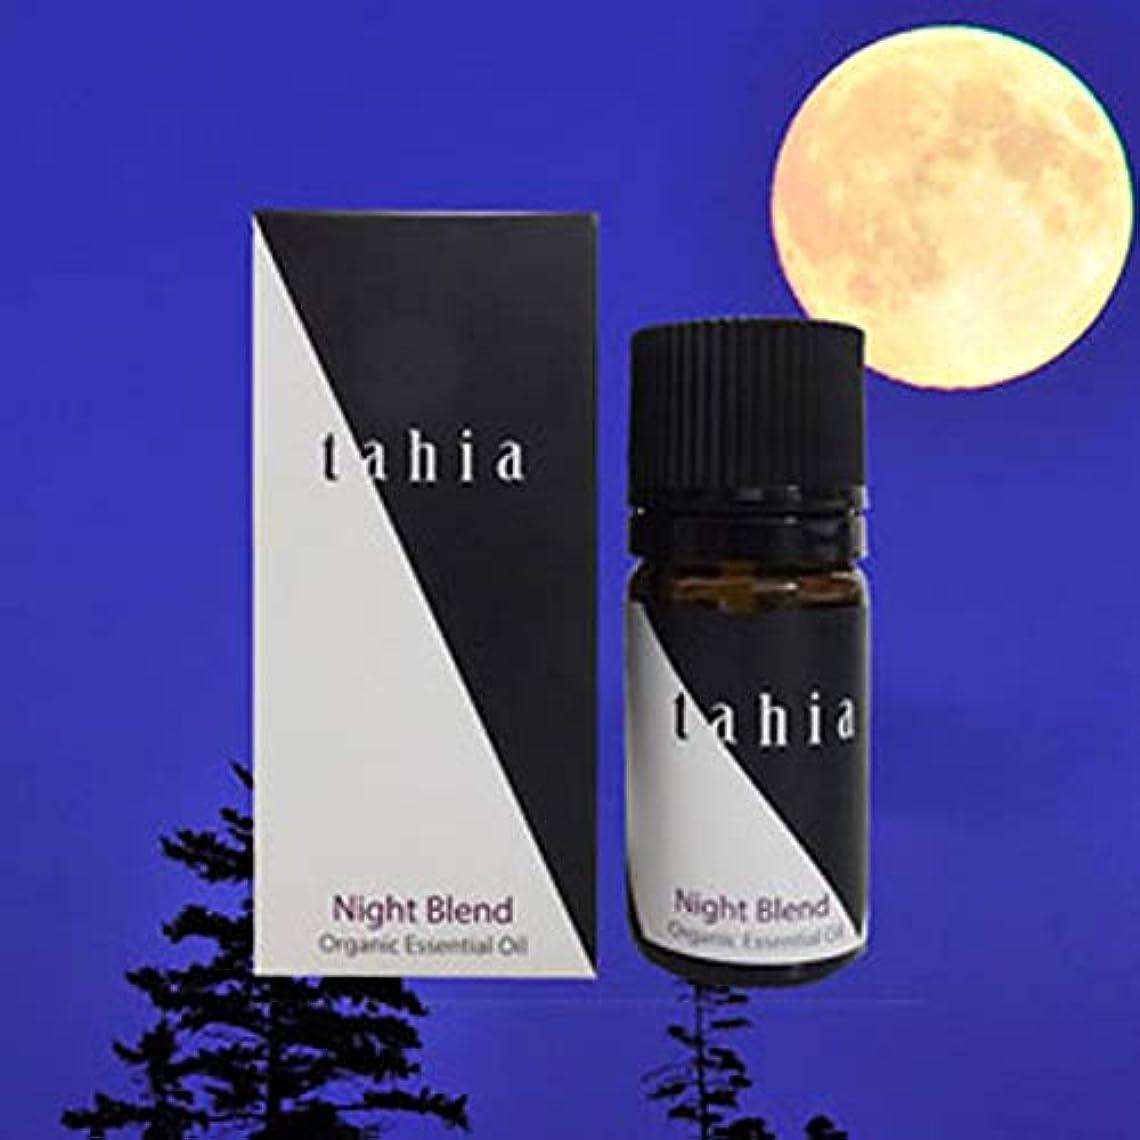 セグメント生活究極のタツフト タヒア tahia ナイトブレンド  エッセンシャルオイル オーガニック 芳香 精油